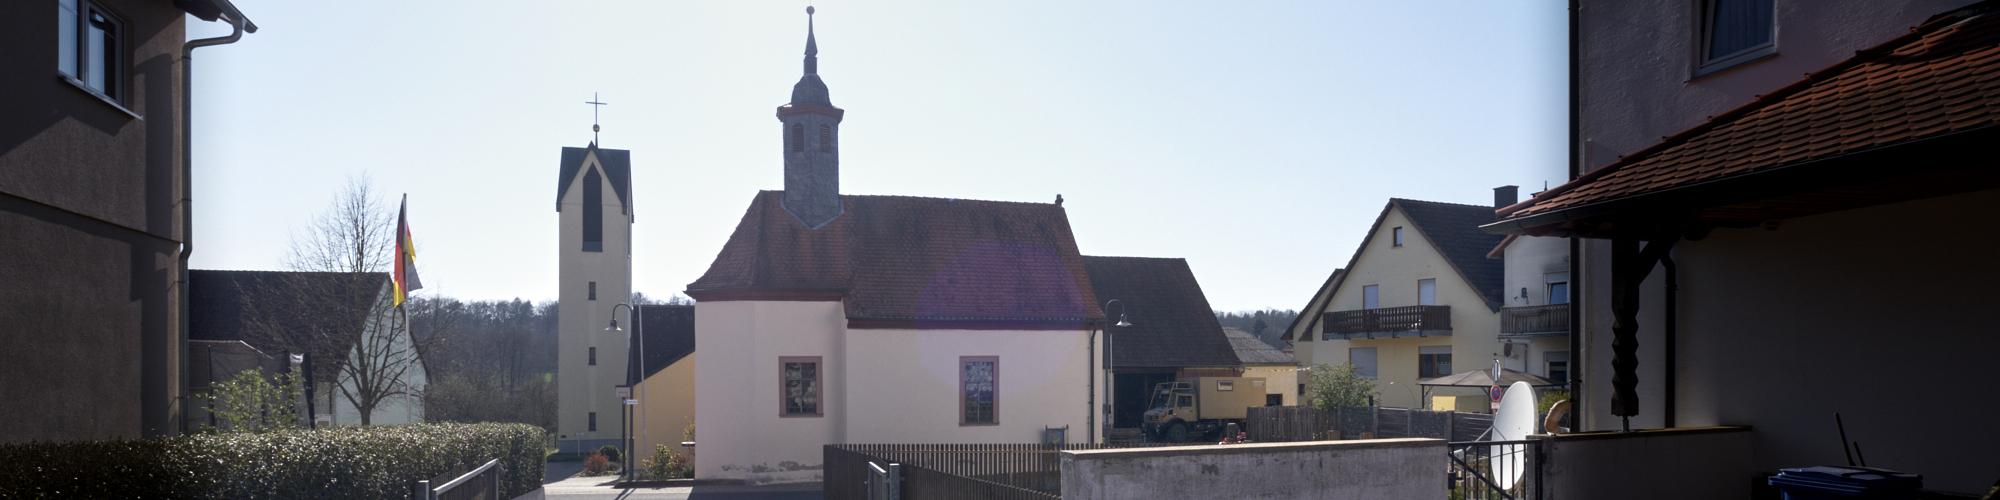 Schlimpfhof